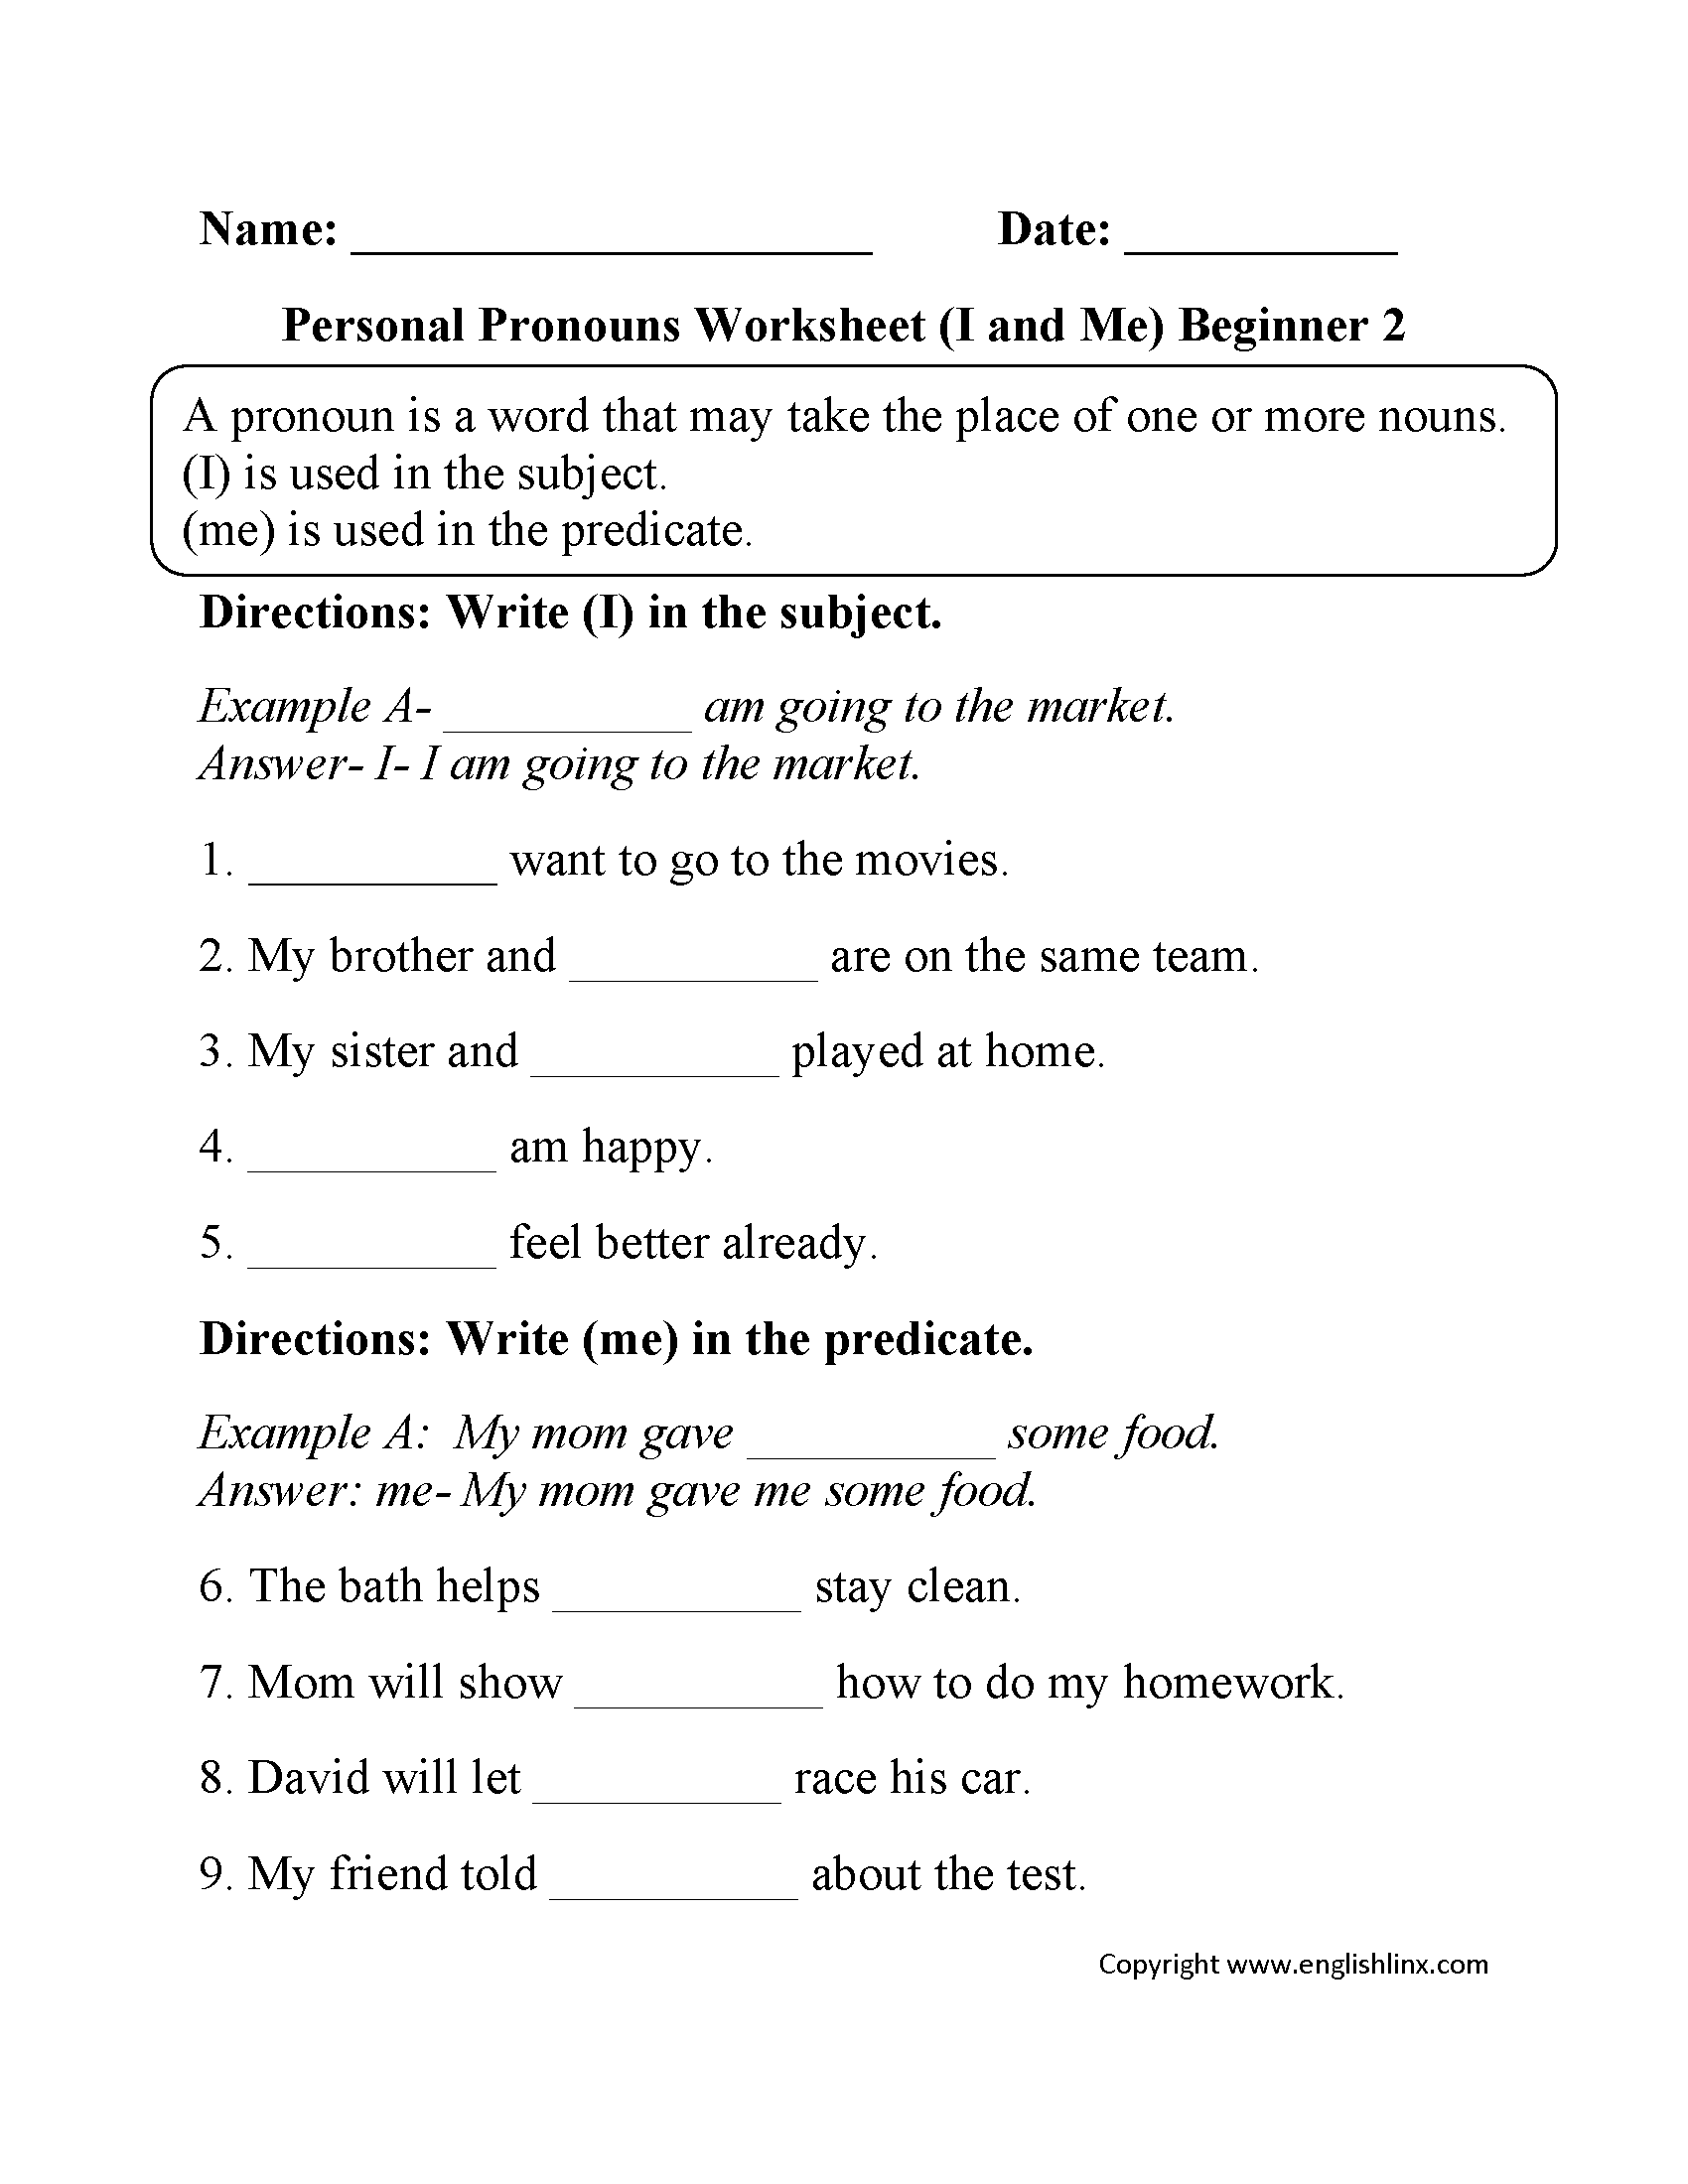 https://cute766.info/grade-4-english-grammar-pronouns-part-1-15-sept/ [ 91 x 2200 Pixel ]